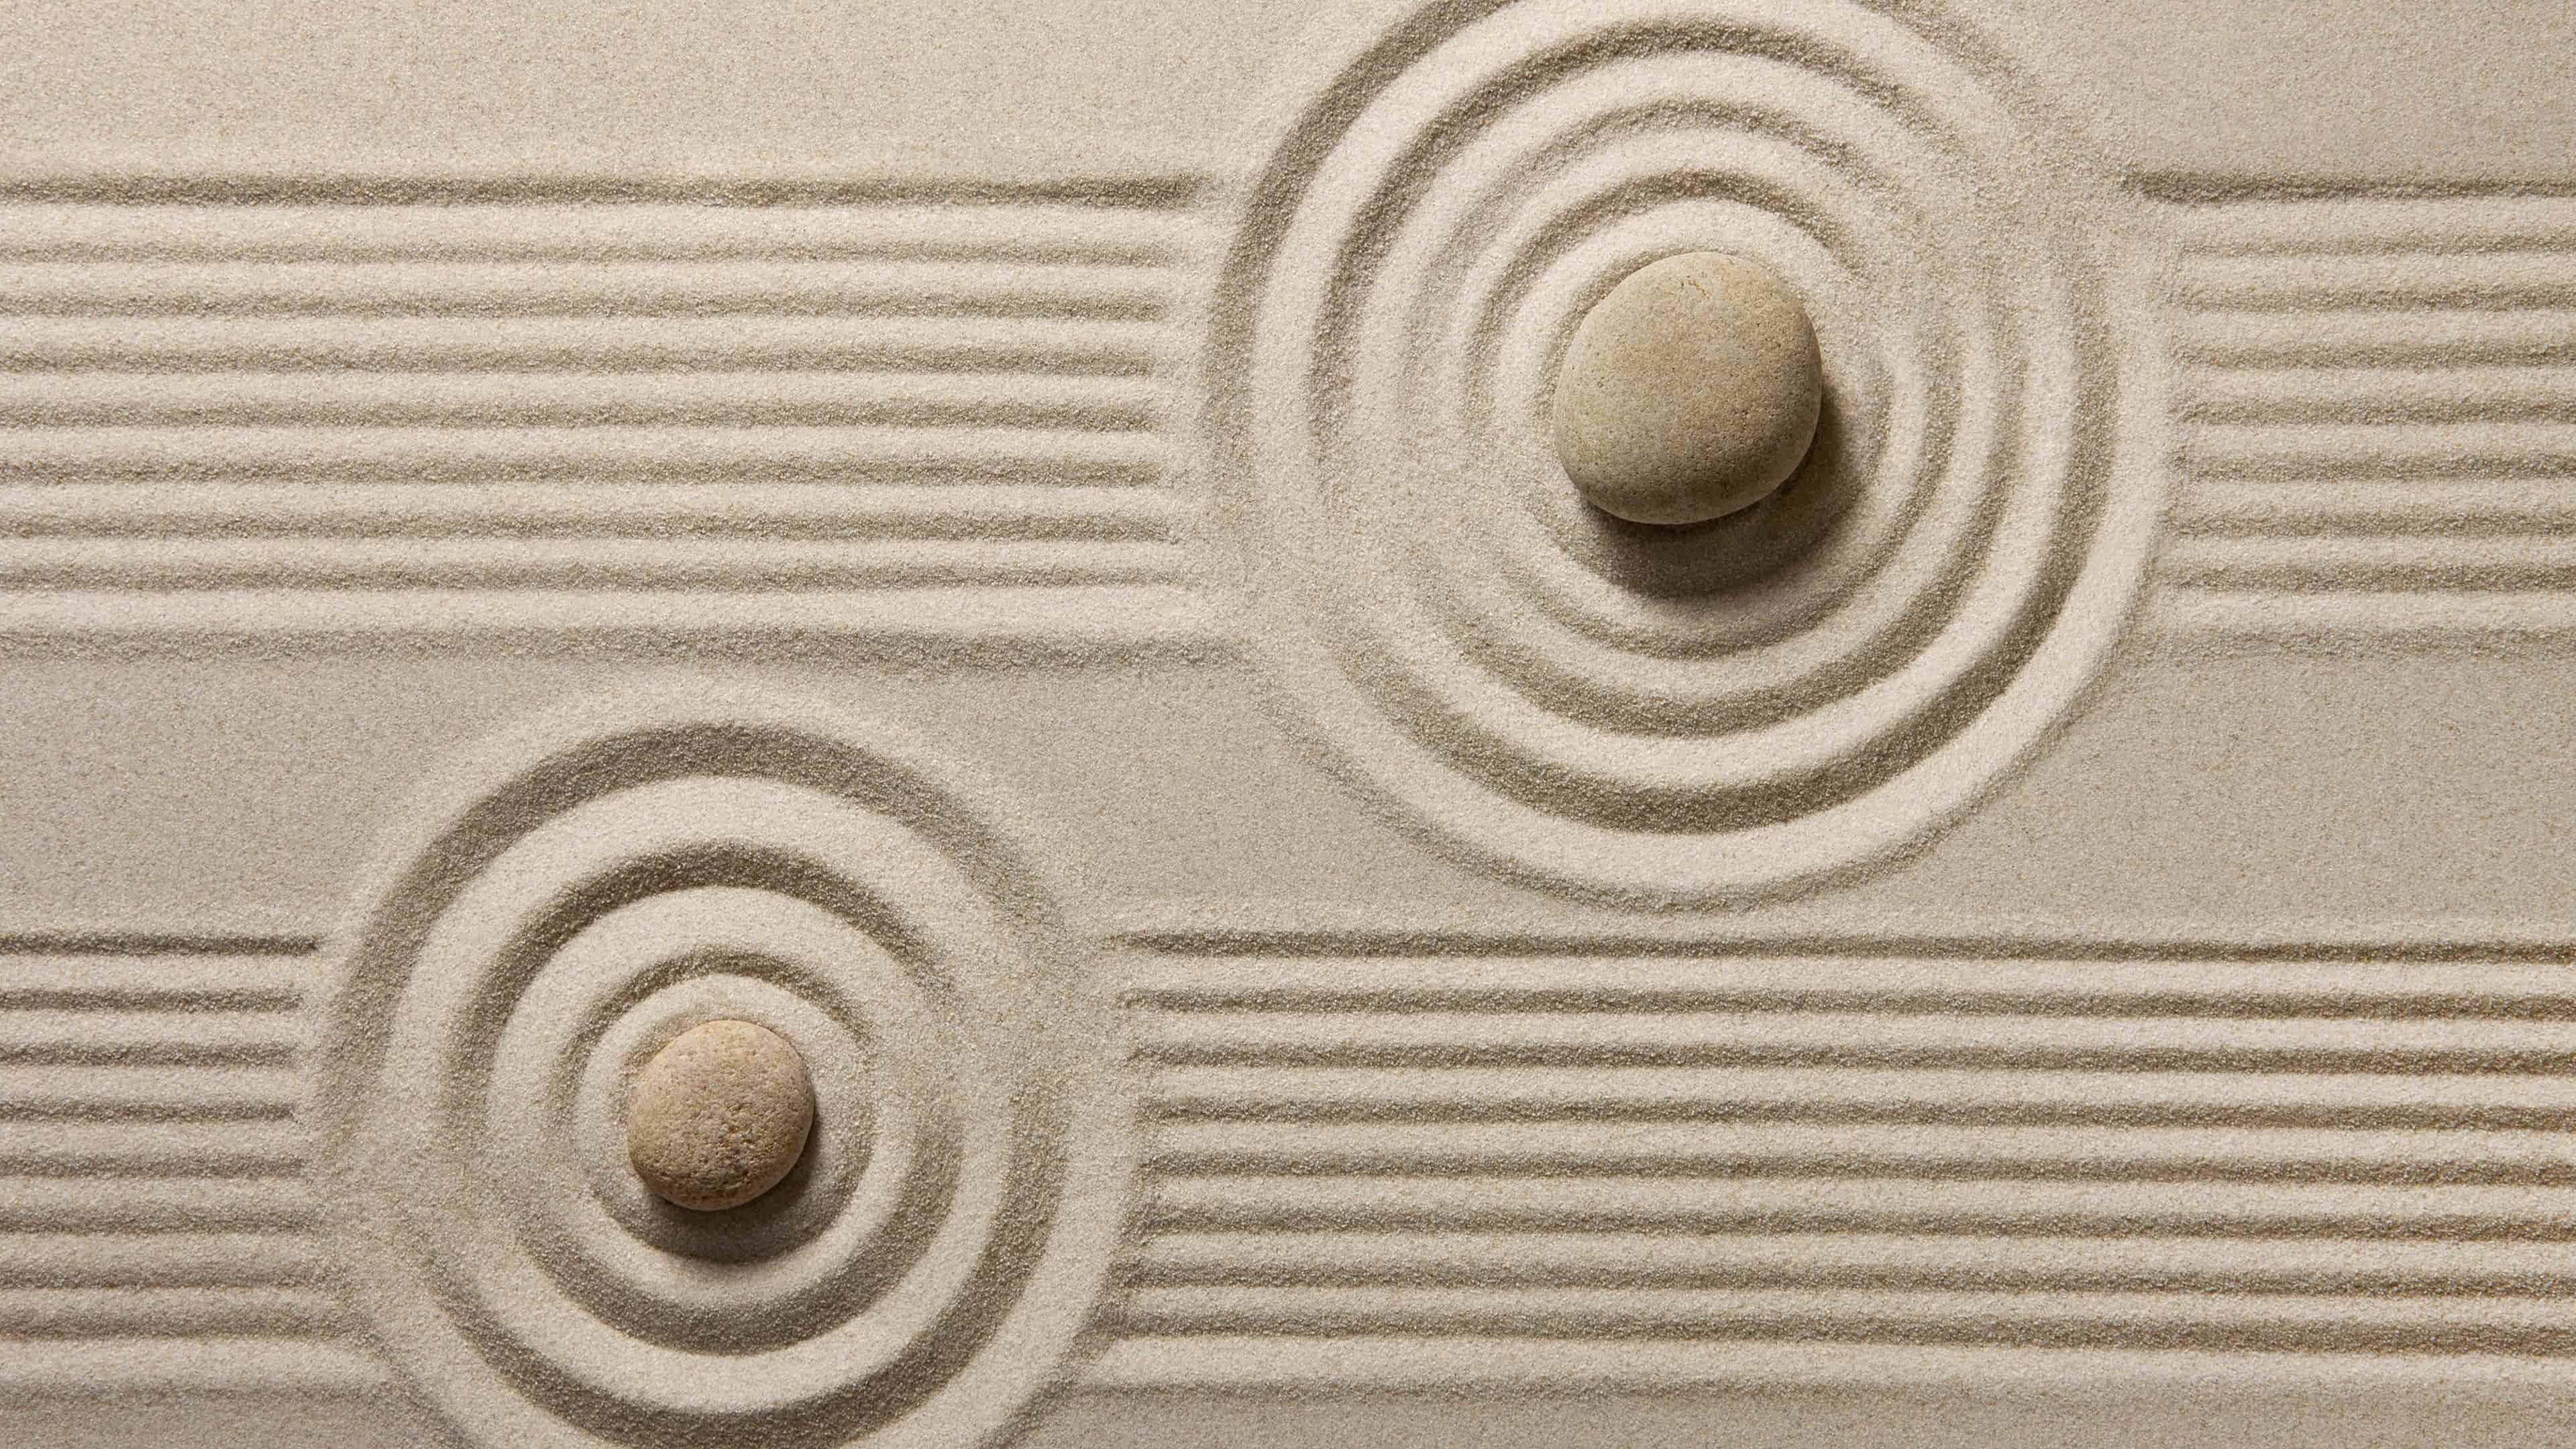 Zen Ultra HD 4K Wallpapers - Top Free Zen Ultra HD 4K